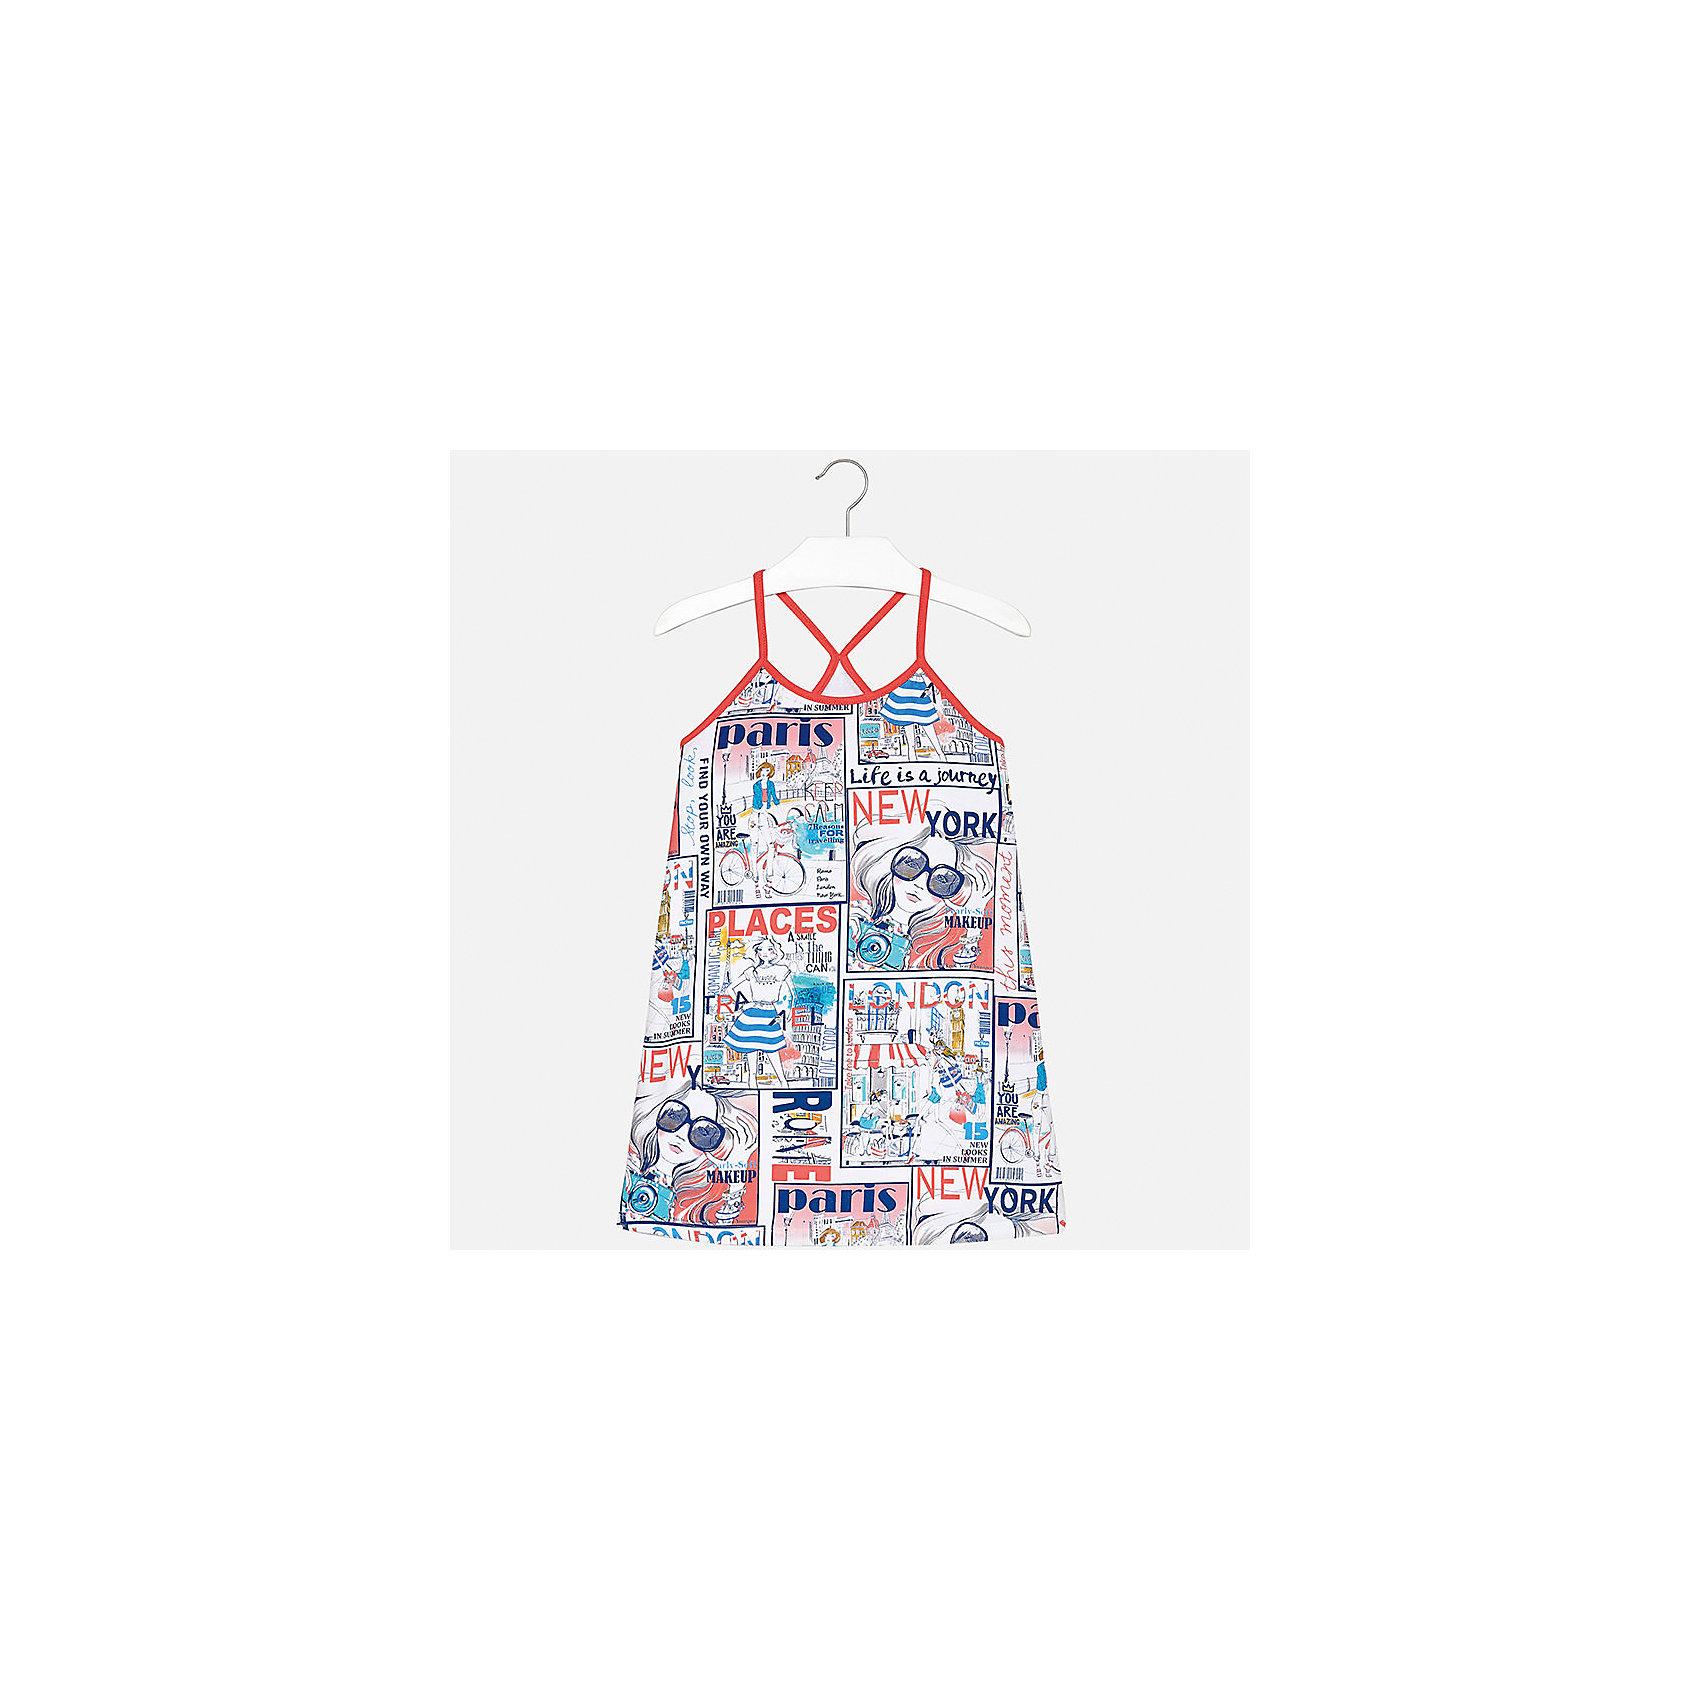 Платье для девочки MayoralХарактеристики товара:<br><br>• цвет: мультиколор<br>• состав: 95% хлопок, 5% эластан<br>• без застежки<br>• бретельки<br>• без рукавов<br>• принт<br>• страна бренда: Испания<br><br>Стильное платье для девочки поможет разнообразить гардероб ребенка и создать эффектный наряд. Оно подойдет для различных случаев. Красивый оттенок позволяет подобрать к вещи обувь разных расцветок. Платье хорошо сидит по фигуре. В составе материала - натуральный хлопок, гипоаллергенный, приятный на ощупь, дышащий. <br><br>Одежда, обувь и аксессуары от испанского бренда Mayoral полюбились детям и взрослым по всему миру. Модели этой марки - стильные и удобные. Для их производства используются только безопасные, качественные материалы и фурнитура. Порадуйте ребенка модными и красивыми вещами от Mayoral! <br><br>Платье для девочки от испанского бренда Mayoral (Майорал) можно купить в нашем интернет-магазине.<br><br>Ширина мм: 236<br>Глубина мм: 16<br>Высота мм: 184<br>Вес г: 177<br>Цвет: красный<br>Возраст от месяцев: 84<br>Возраст до месяцев: 96<br>Пол: Женский<br>Возраст: Детский<br>Размер: 128/134,140,152,158,164,170<br>SKU: 5293348